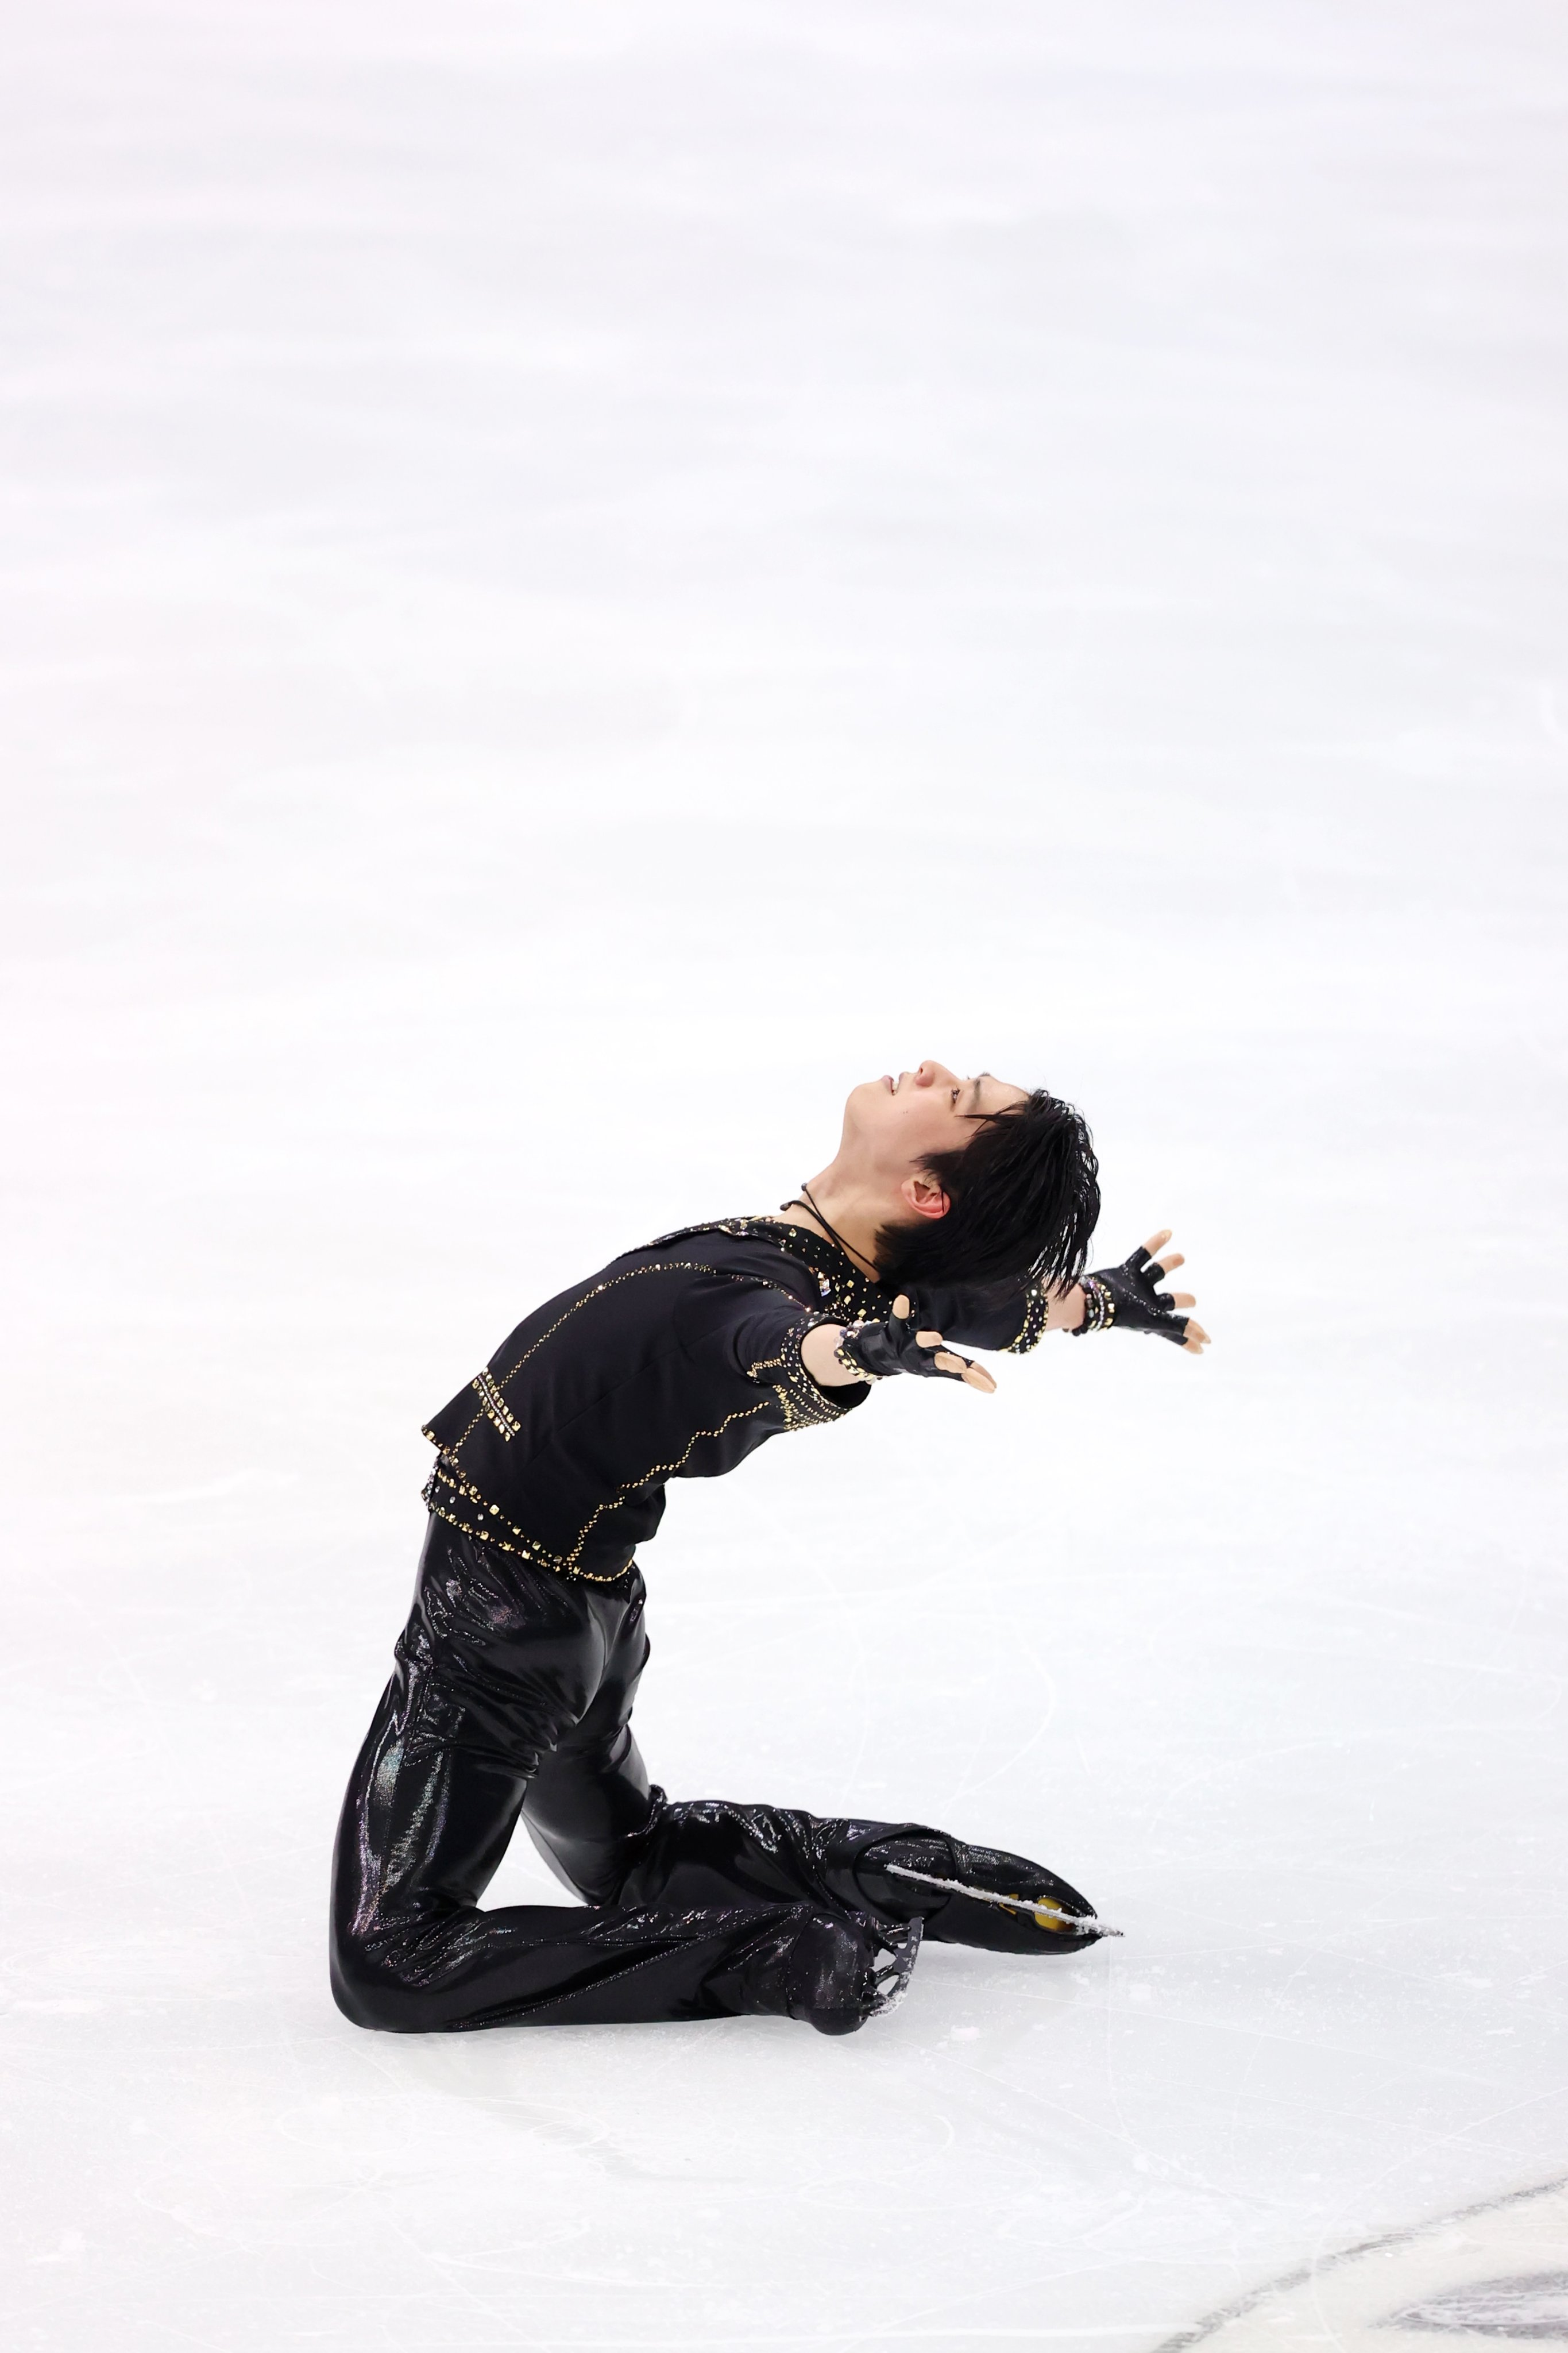 Юдзуру Ханю, сборная Японии, мужское катание, чемпионат Японии